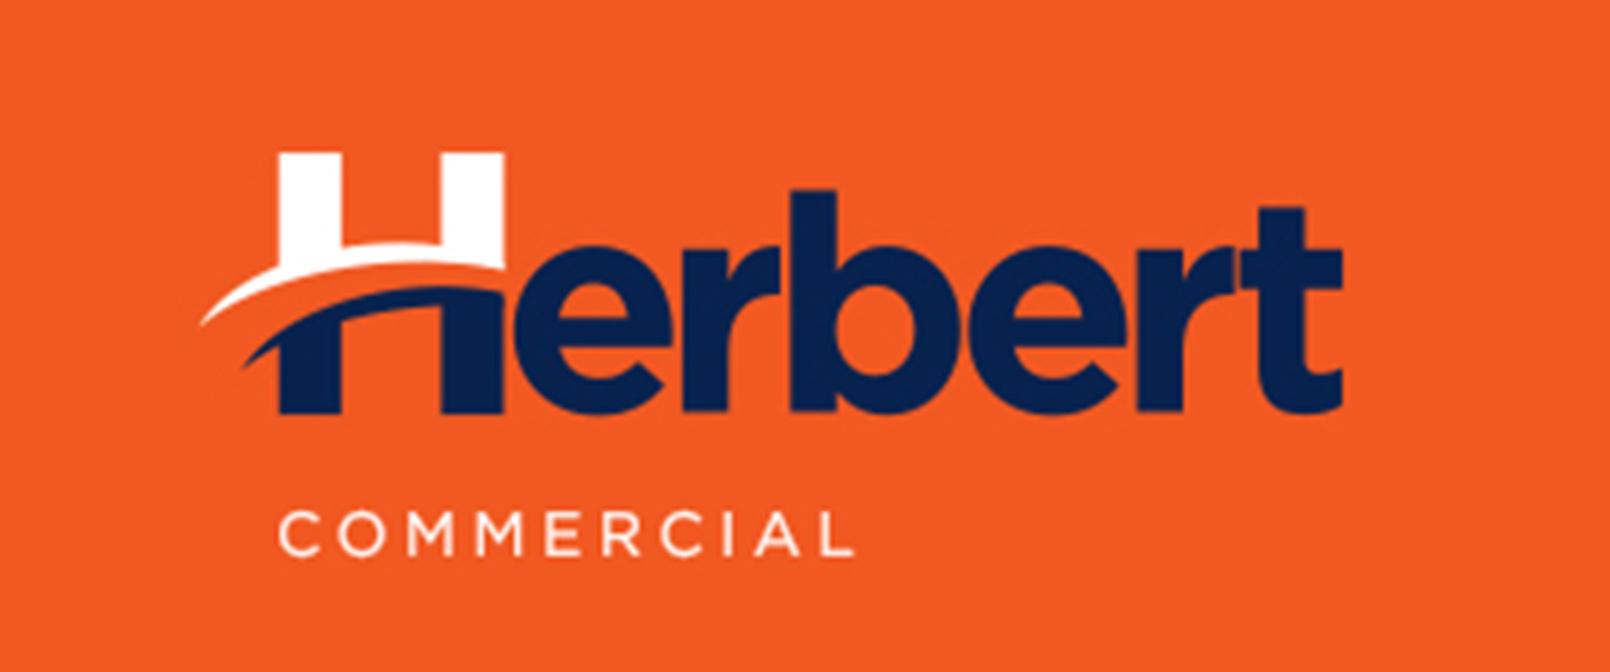 Herbert Commercial Logo